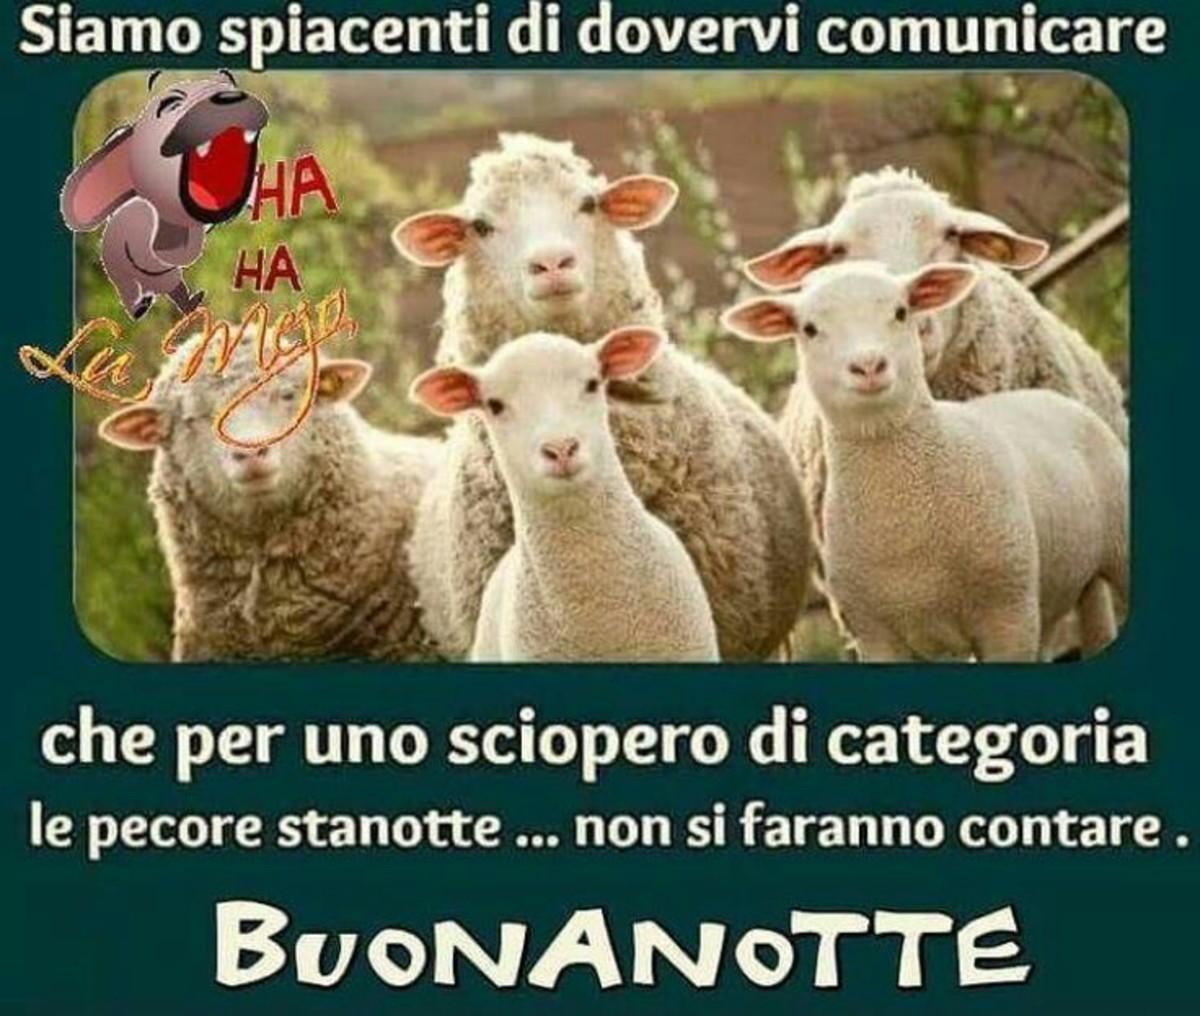 Immagini Buonanotte Da Ridere Contare Le Pecore